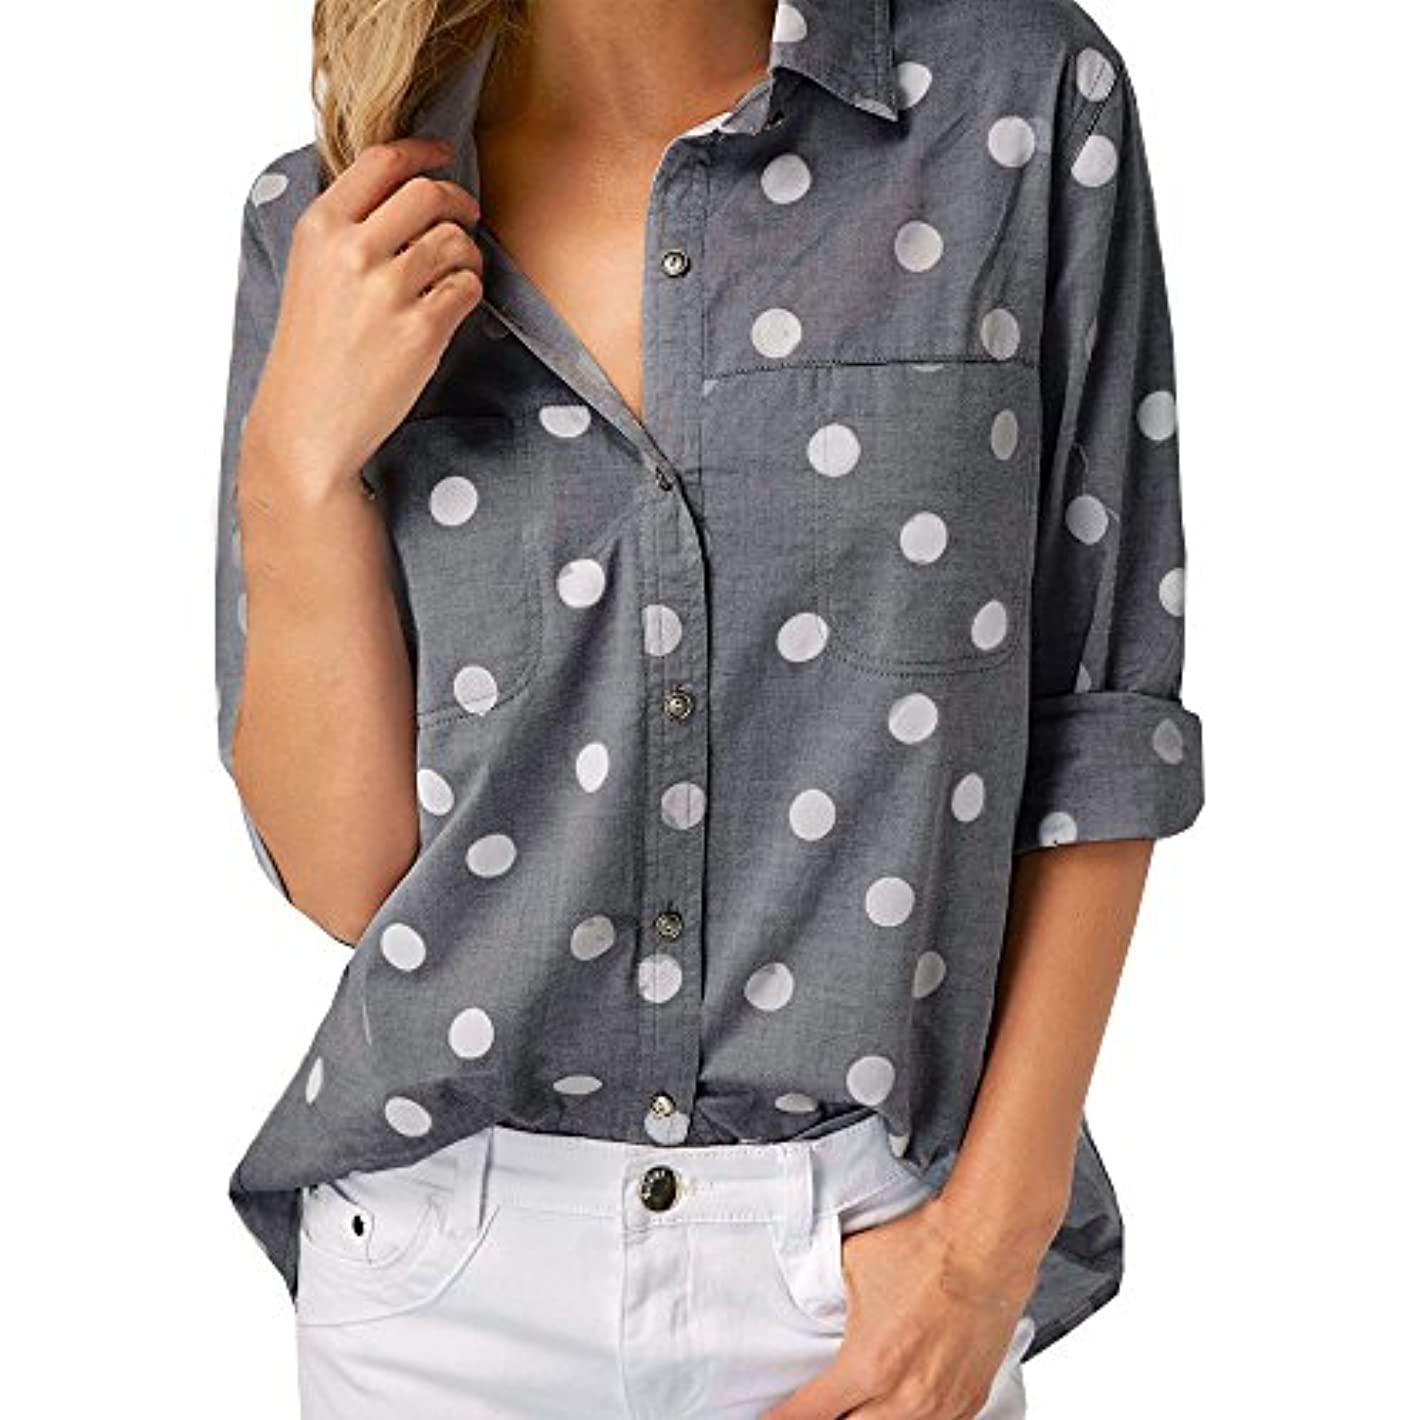 台無しに申し立てられたワークショップSakuraBest Women Work Office Dot Print Spring Autumn Long Sleeve Button Down Shirt Blouse Top